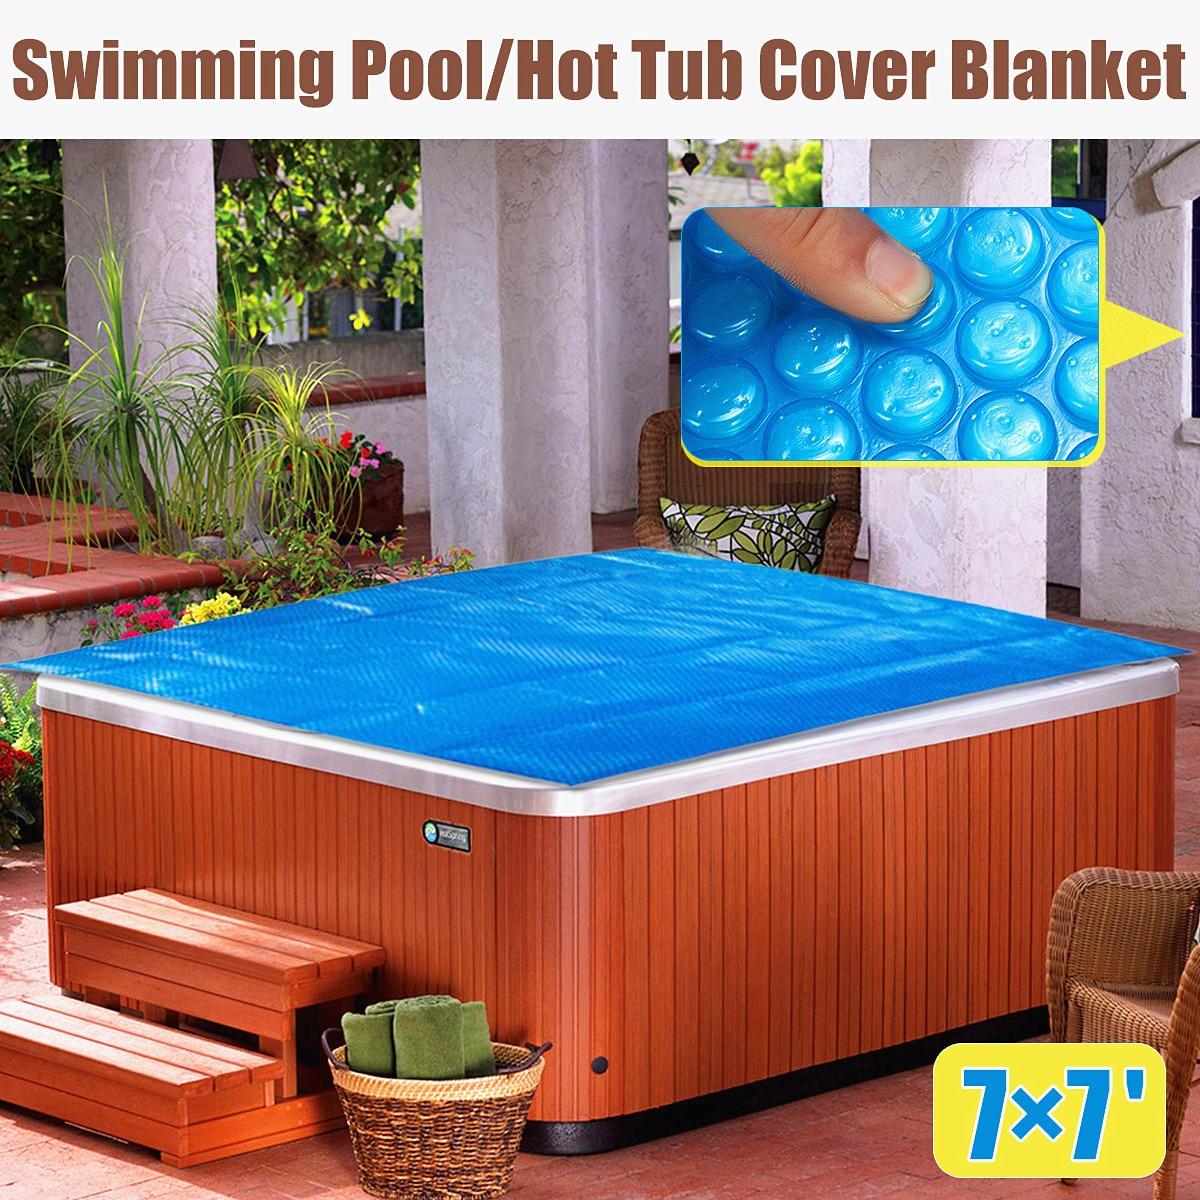 210x210 cm Carré Famille Piscine Piscine jacuzzi Couverture Couverture Enfant Adulte Enfants Bleu Jardin Balcon En Plein Air Jouer couverture de piscine